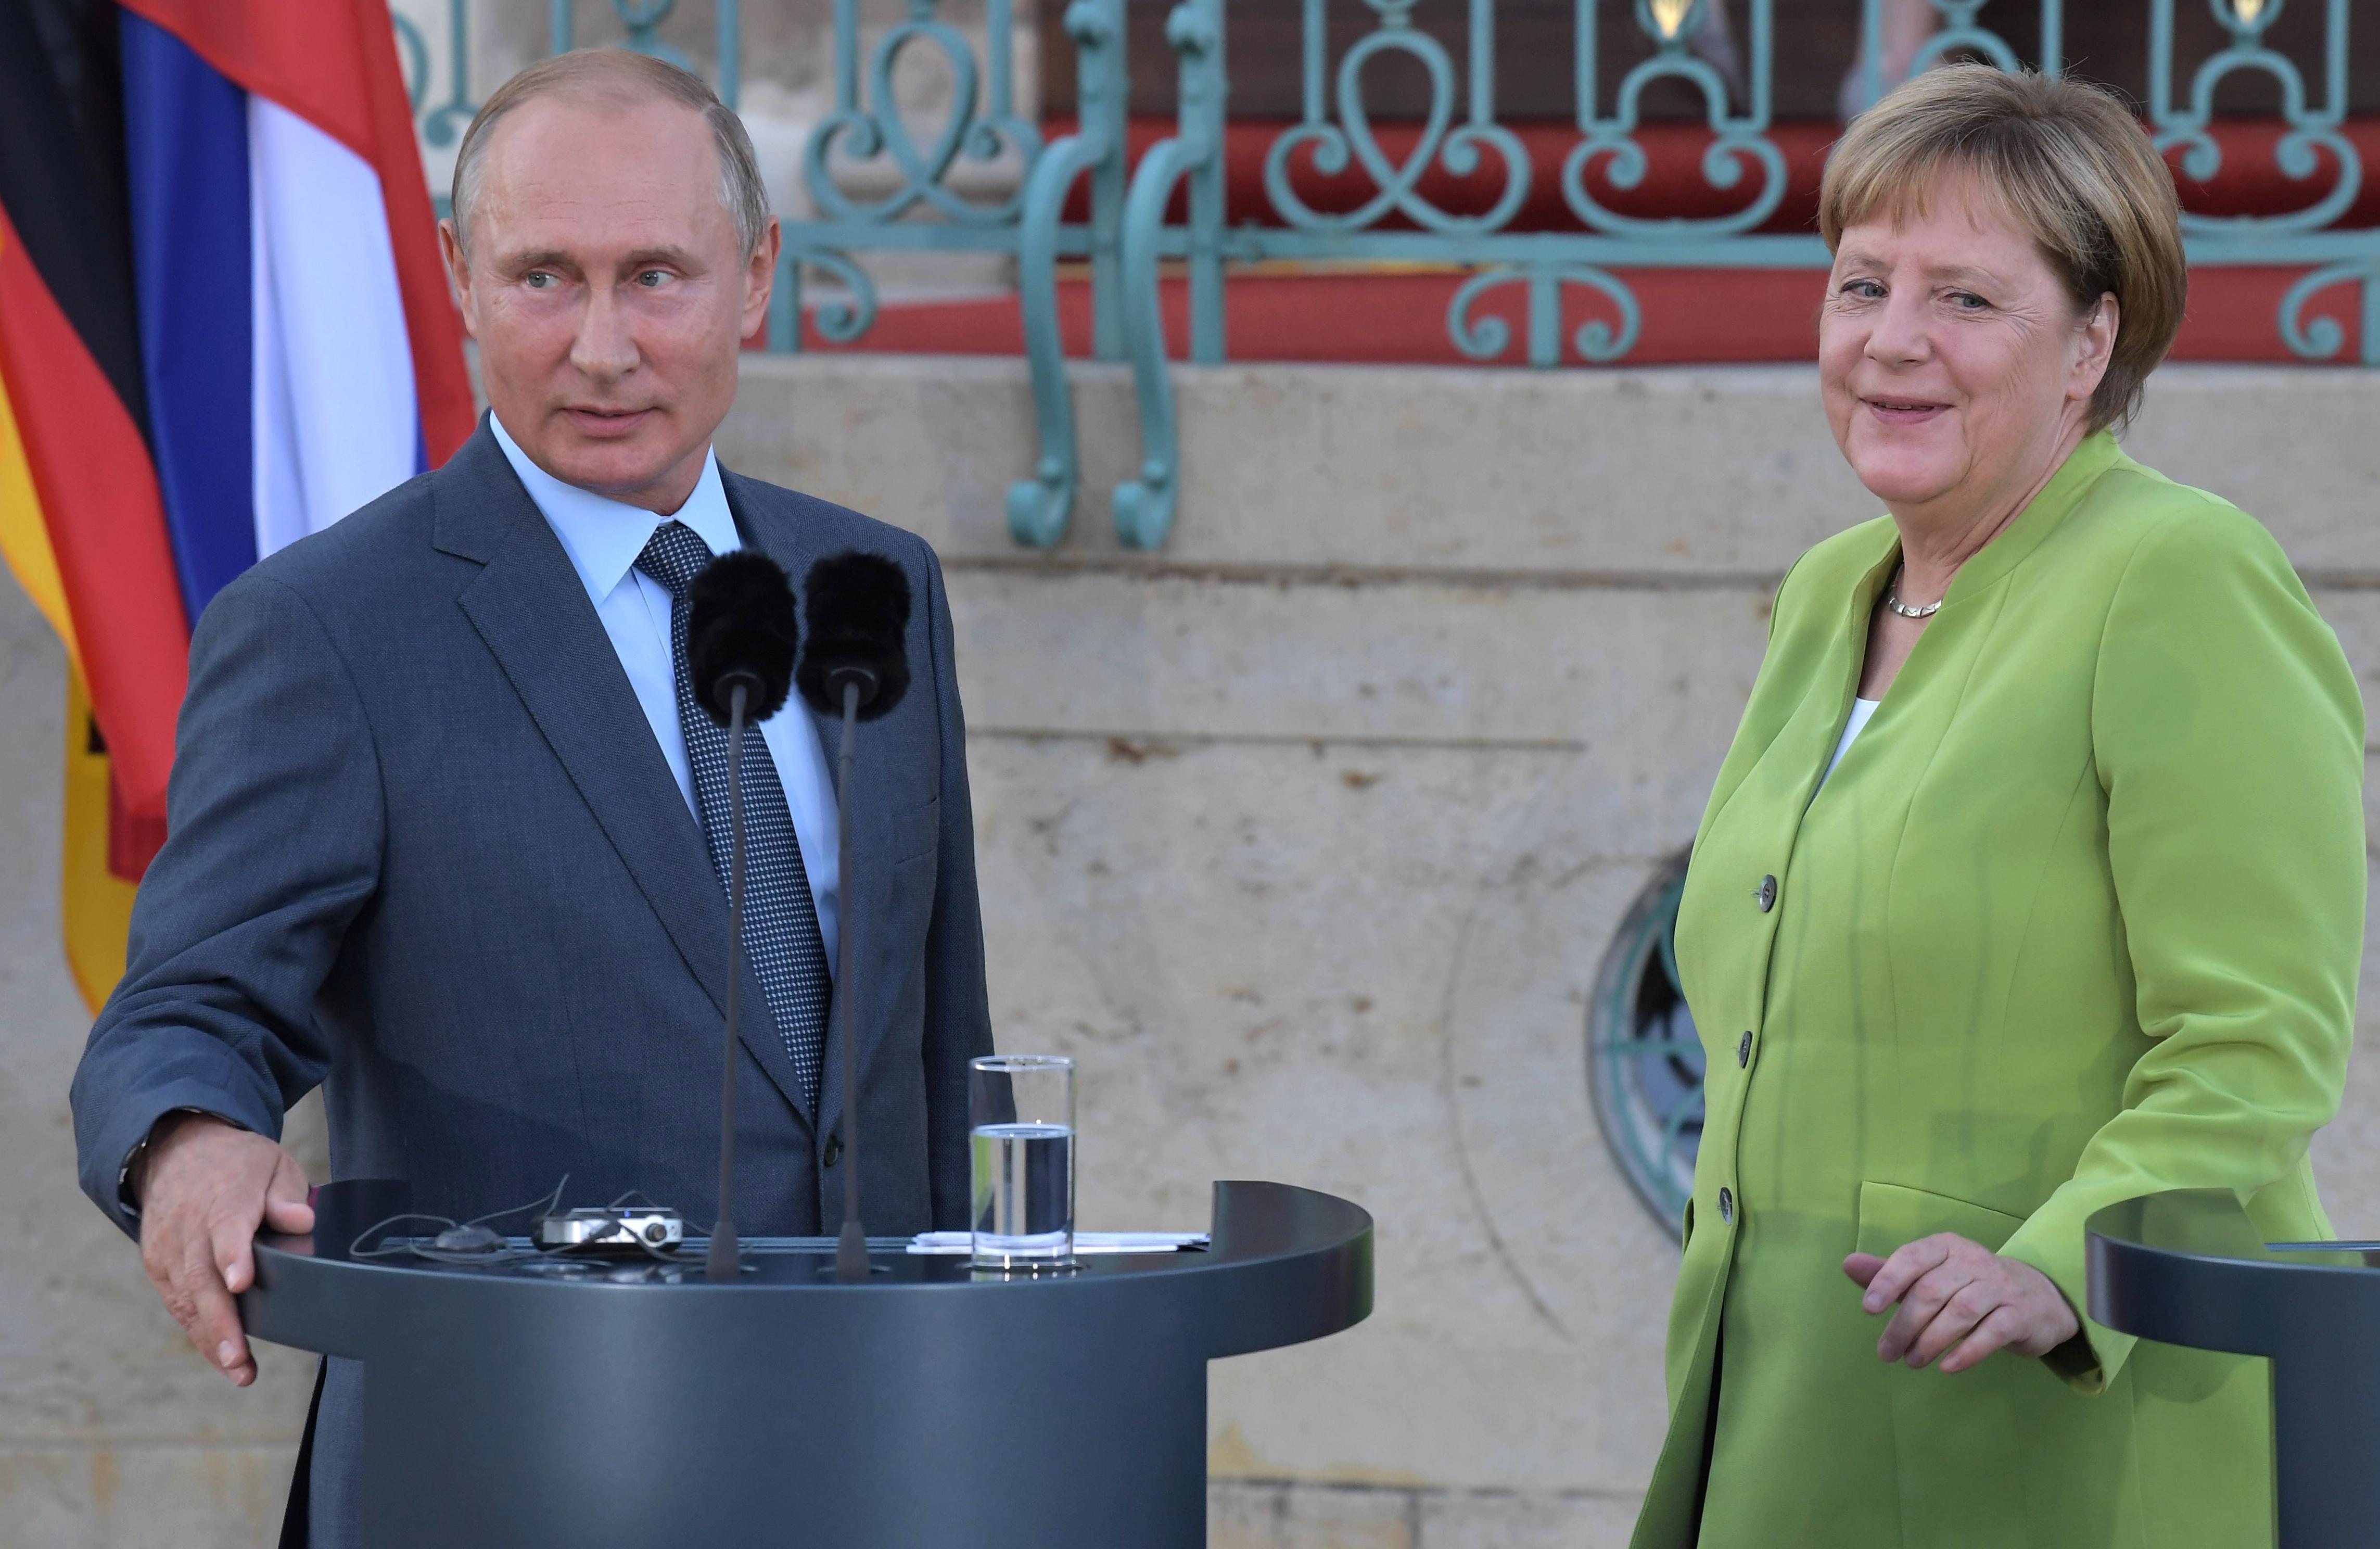 Putyin: Ha nyereséges, fenntartható az ukrajnai gáztranzit az Északi Áramlat 2. mellett is